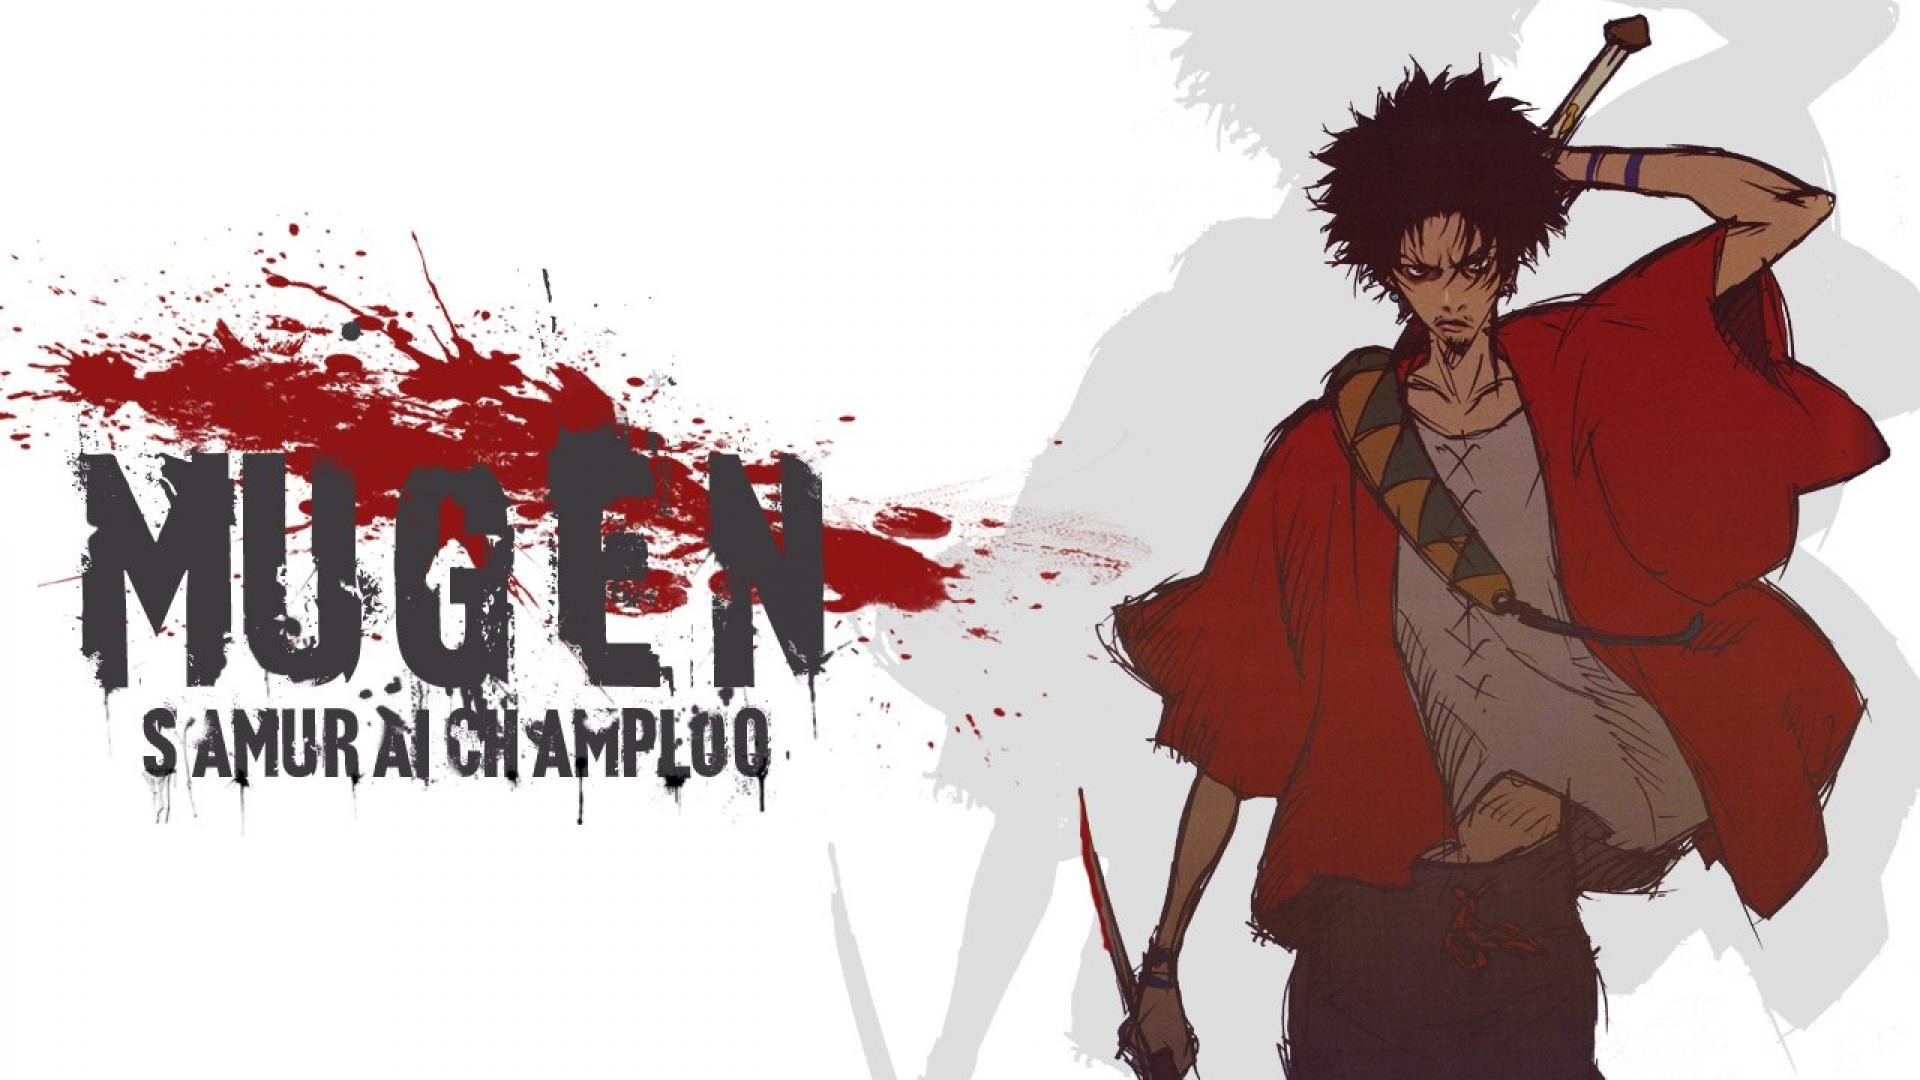 samurai champloo blood mugen weapons nidoqueen hd wallpaper . …